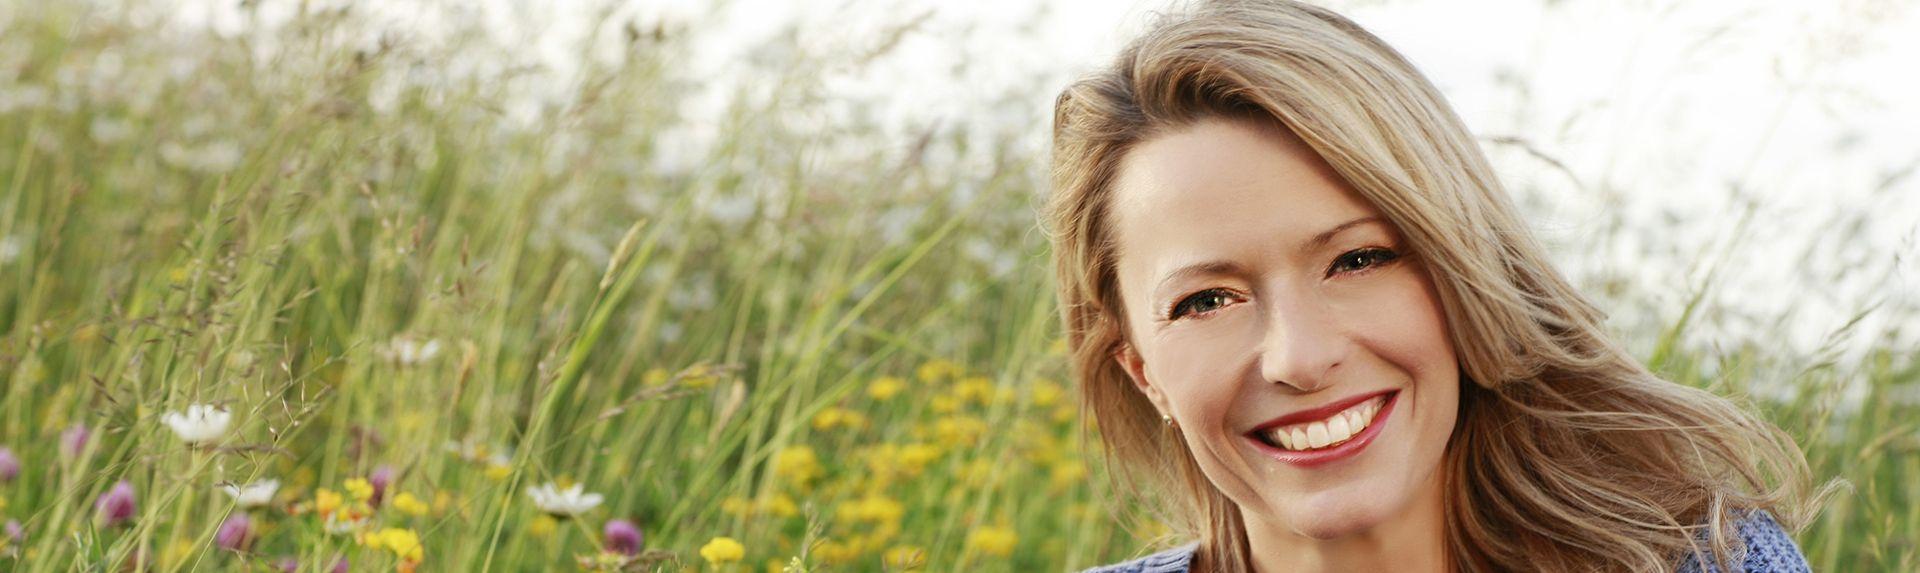 Менопаузальная гормональная терапия как способ борьбы с симптомами менопаузы